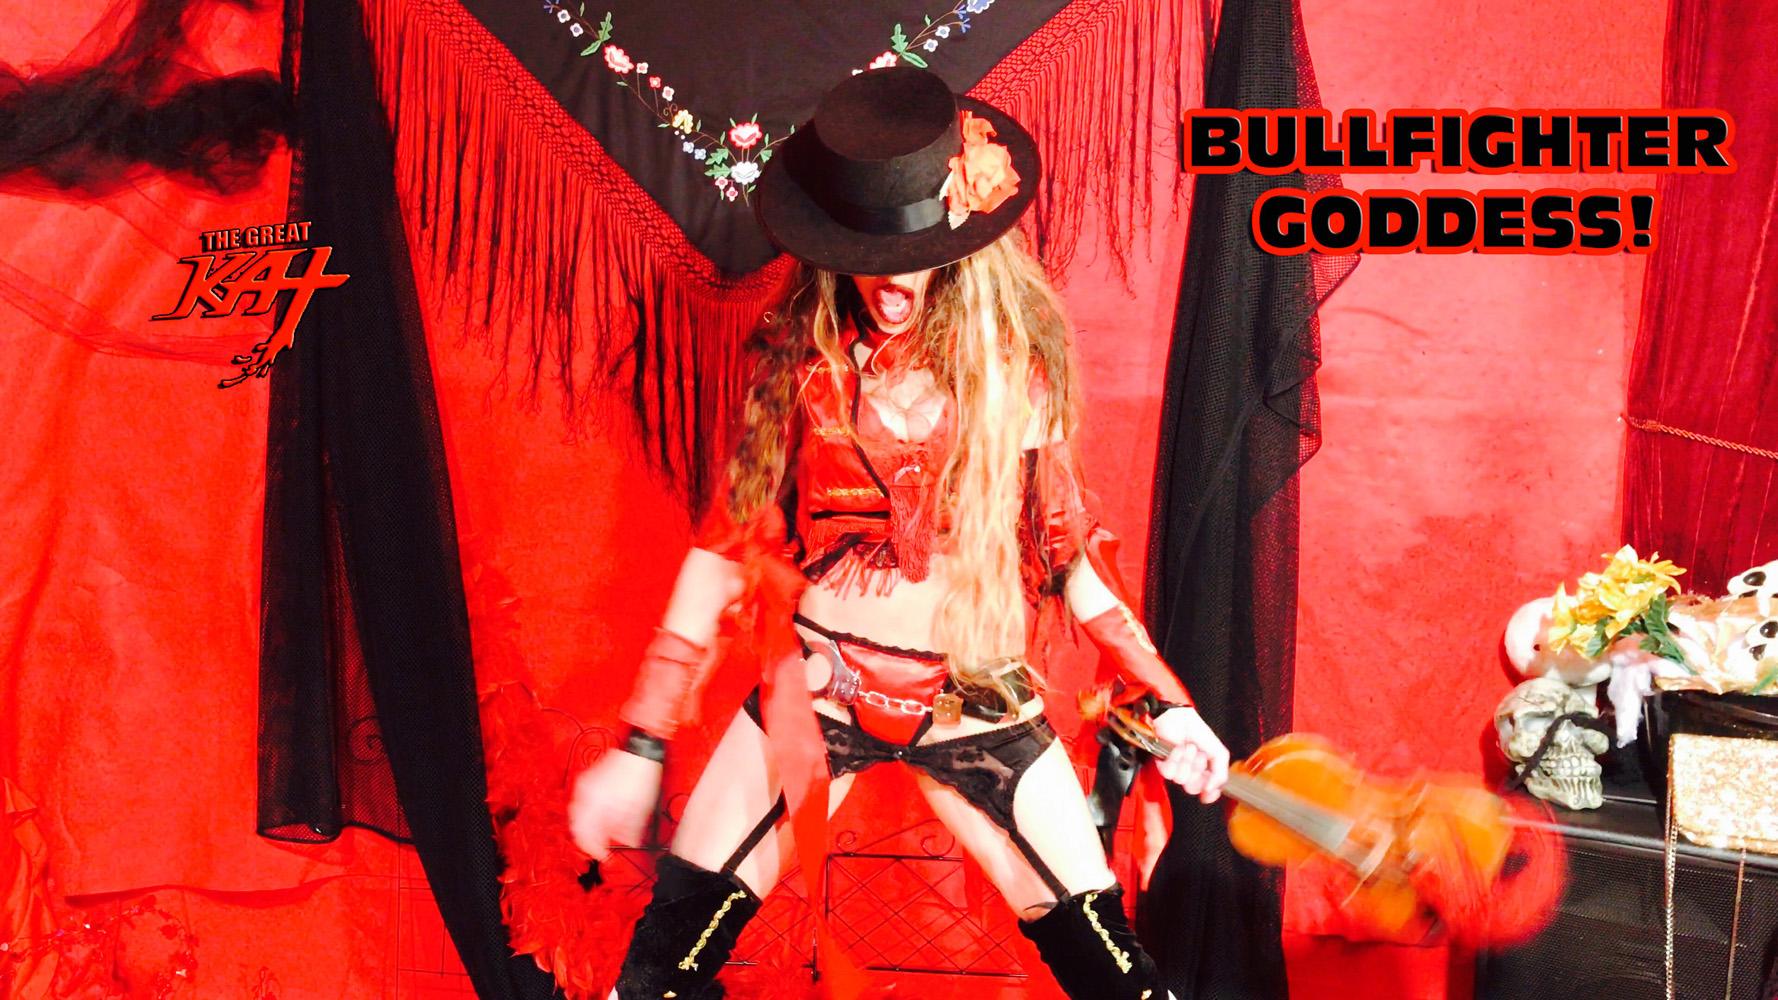 """BULLFIGHTER GODDESS!!! From The Great Kat's SARASATE'S """"CARMEN FANTASY"""" MUSIC VIDEO!"""